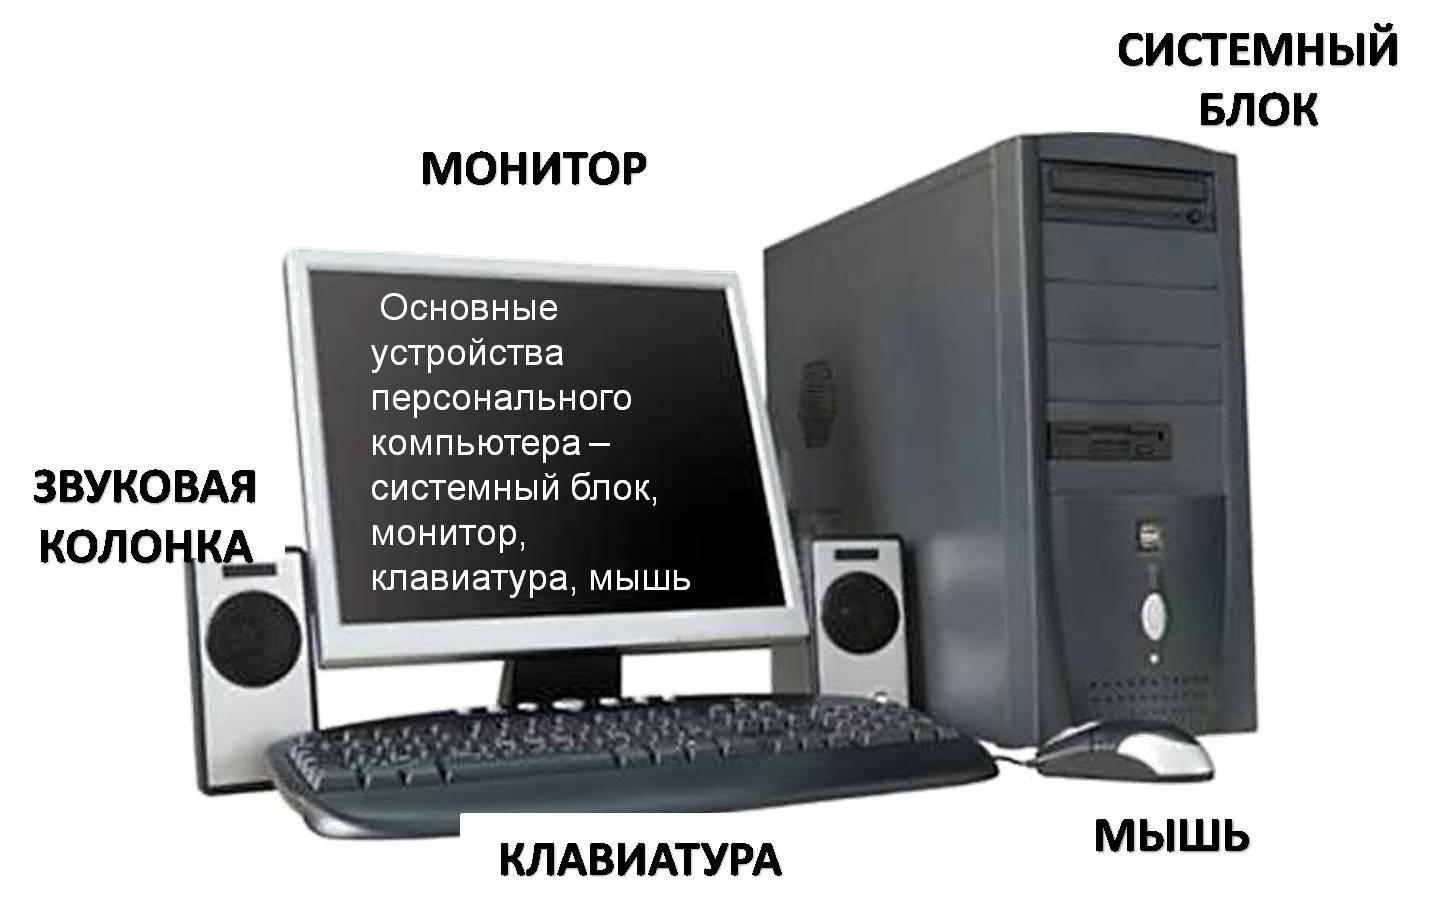 картинки как состоит компьютер любимый